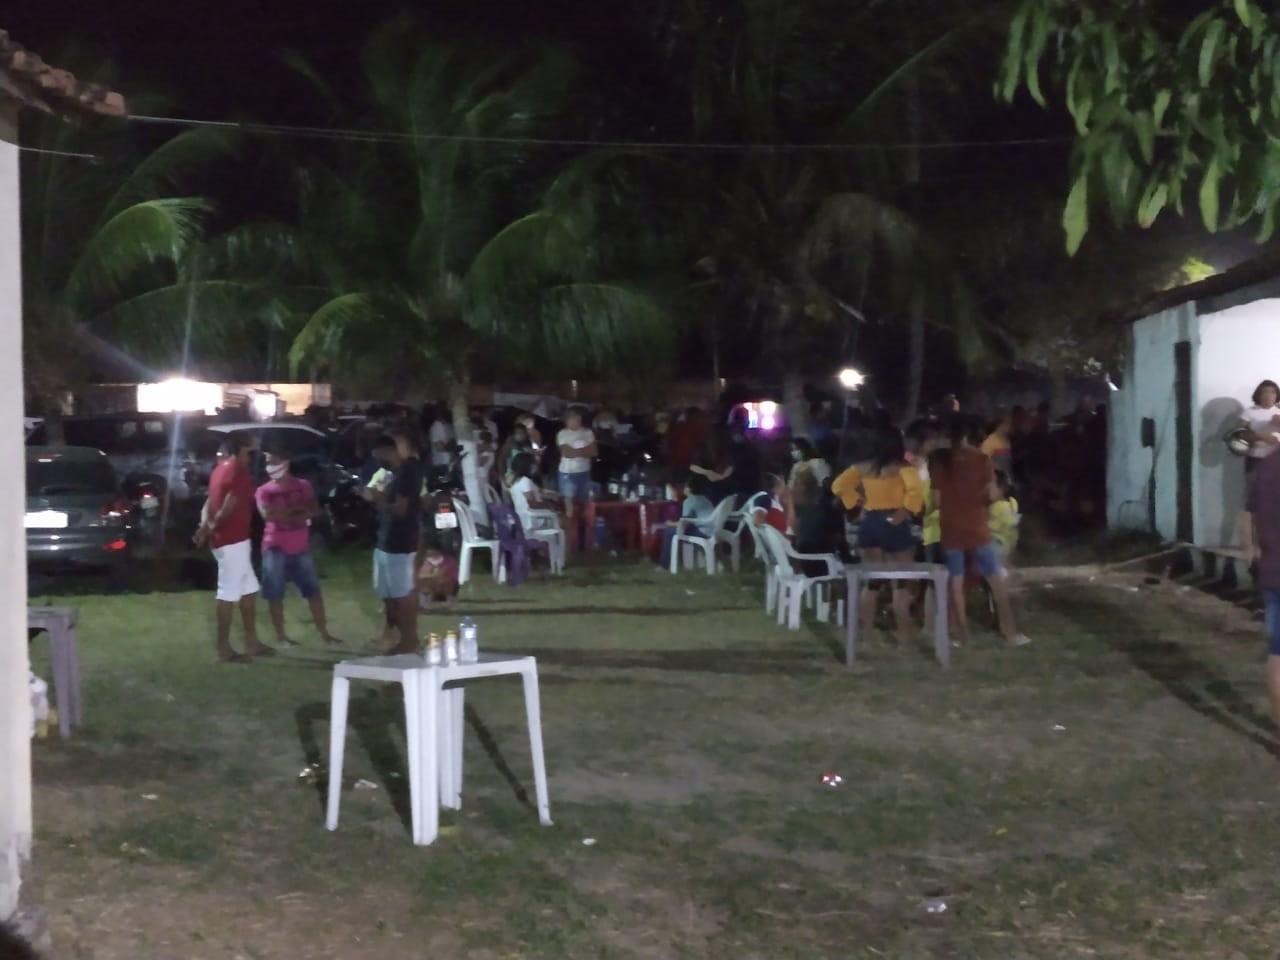 Vaquejada e festas são encerradas pela PM por causar aglomeração durante o fim de semana no Ceará